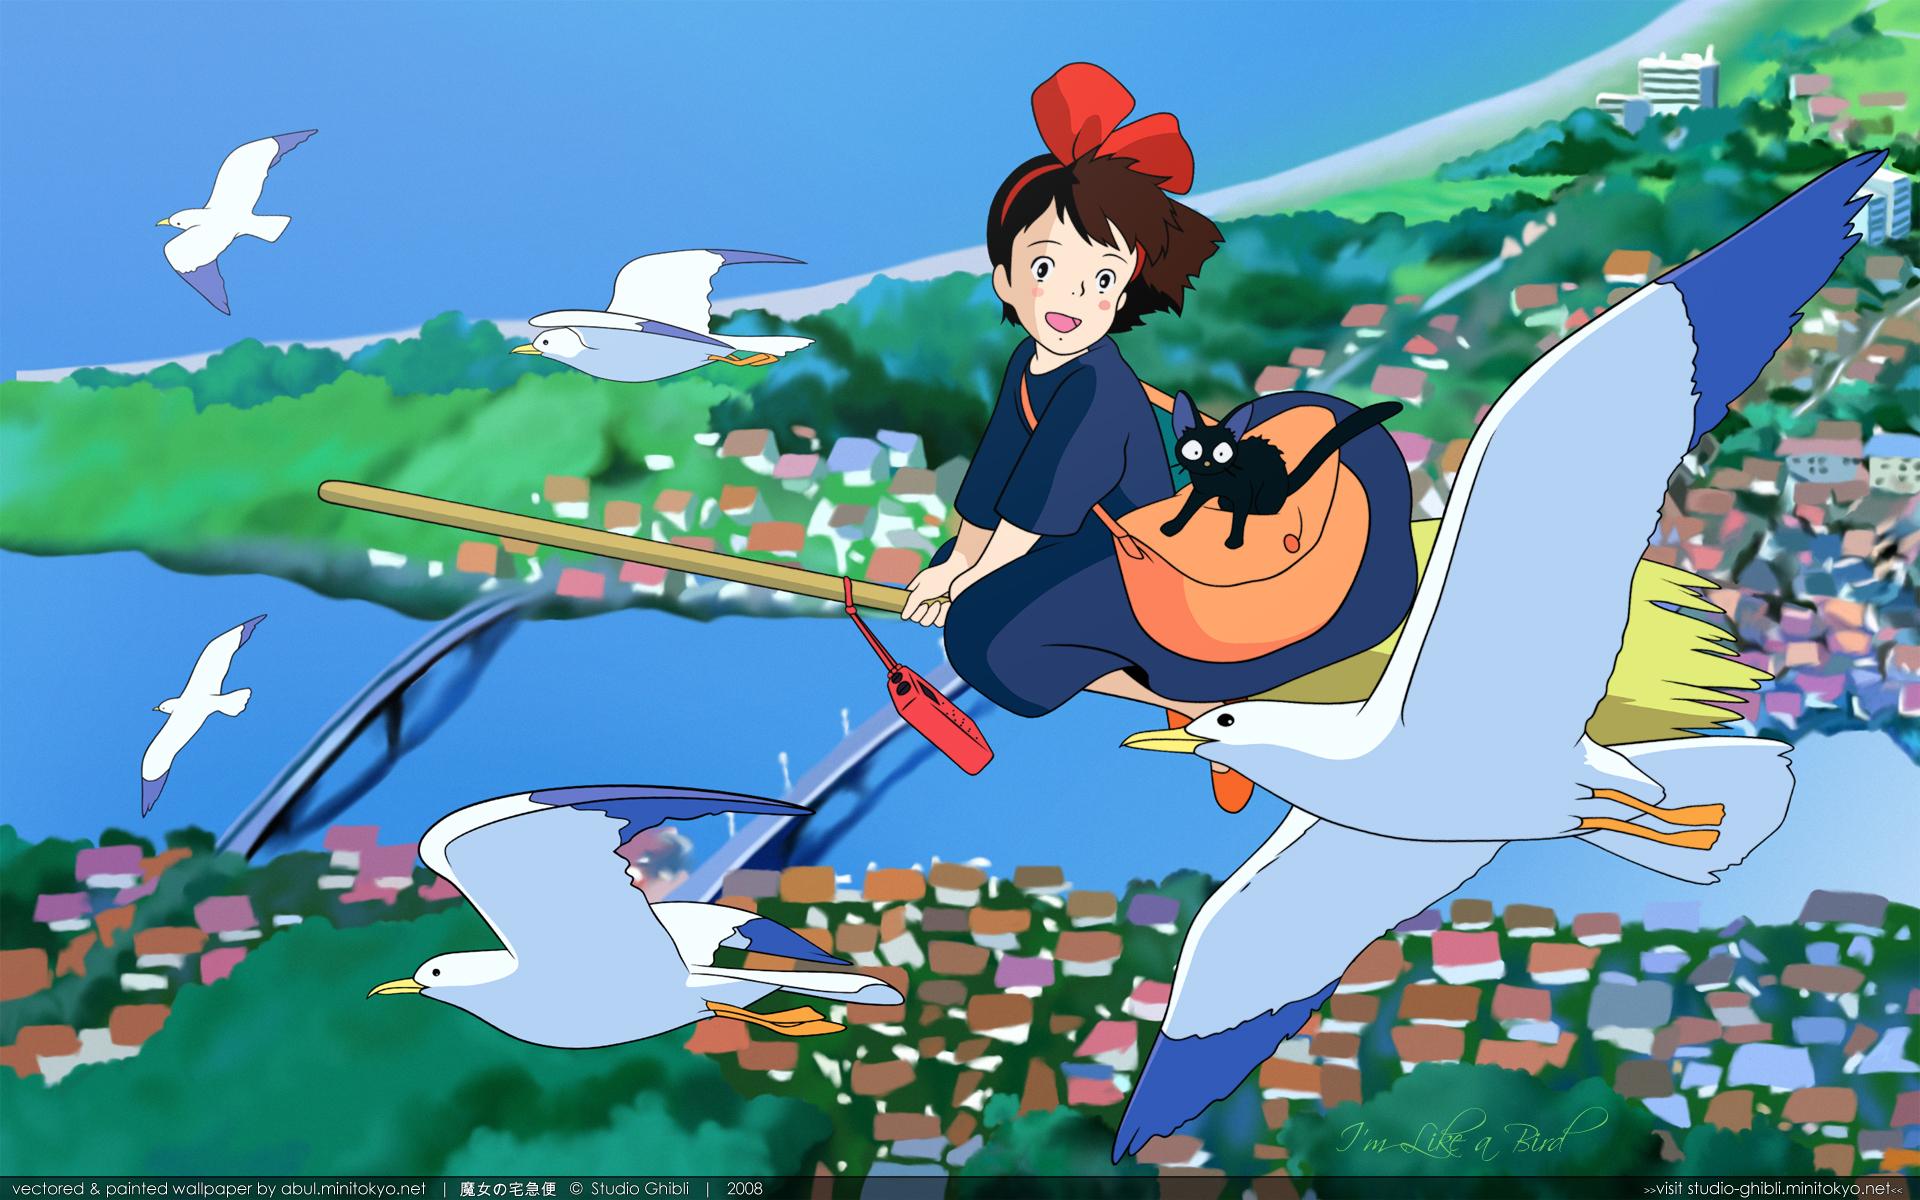 Kiki's Delivery Service Wallpaper: I'm Like A Bird - Minitokyo